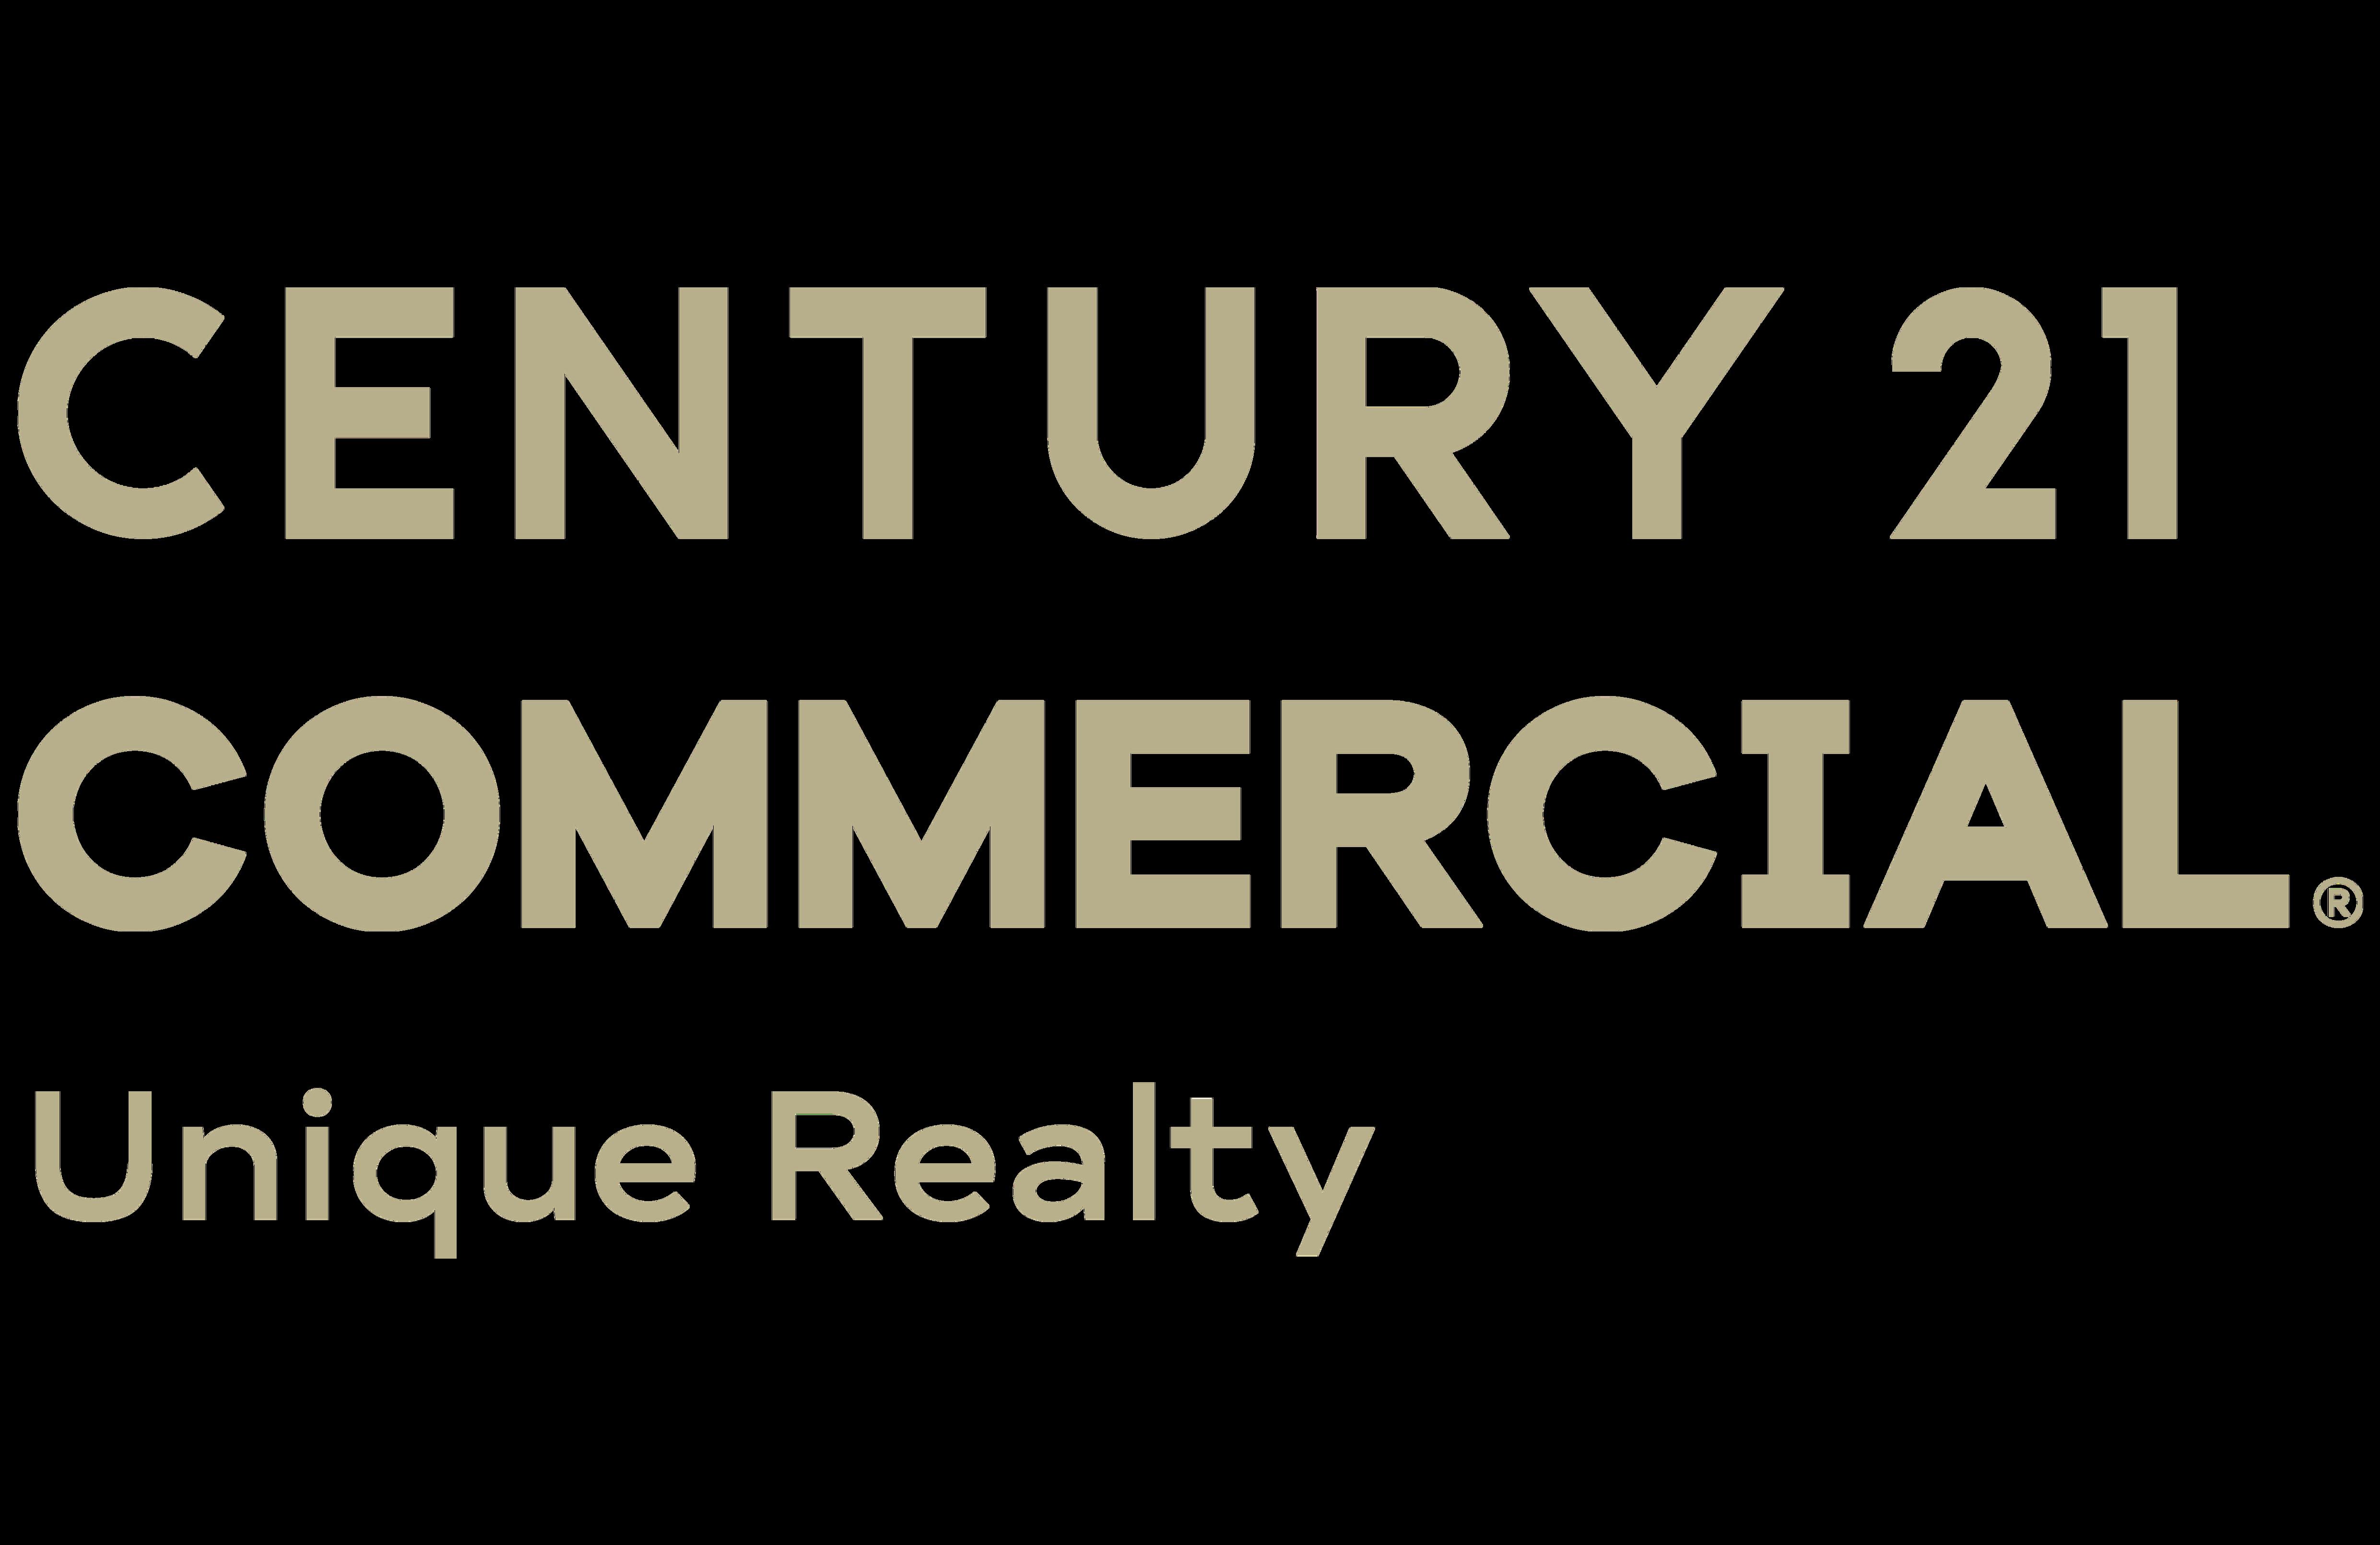 CENTURY 21 Unique Realty